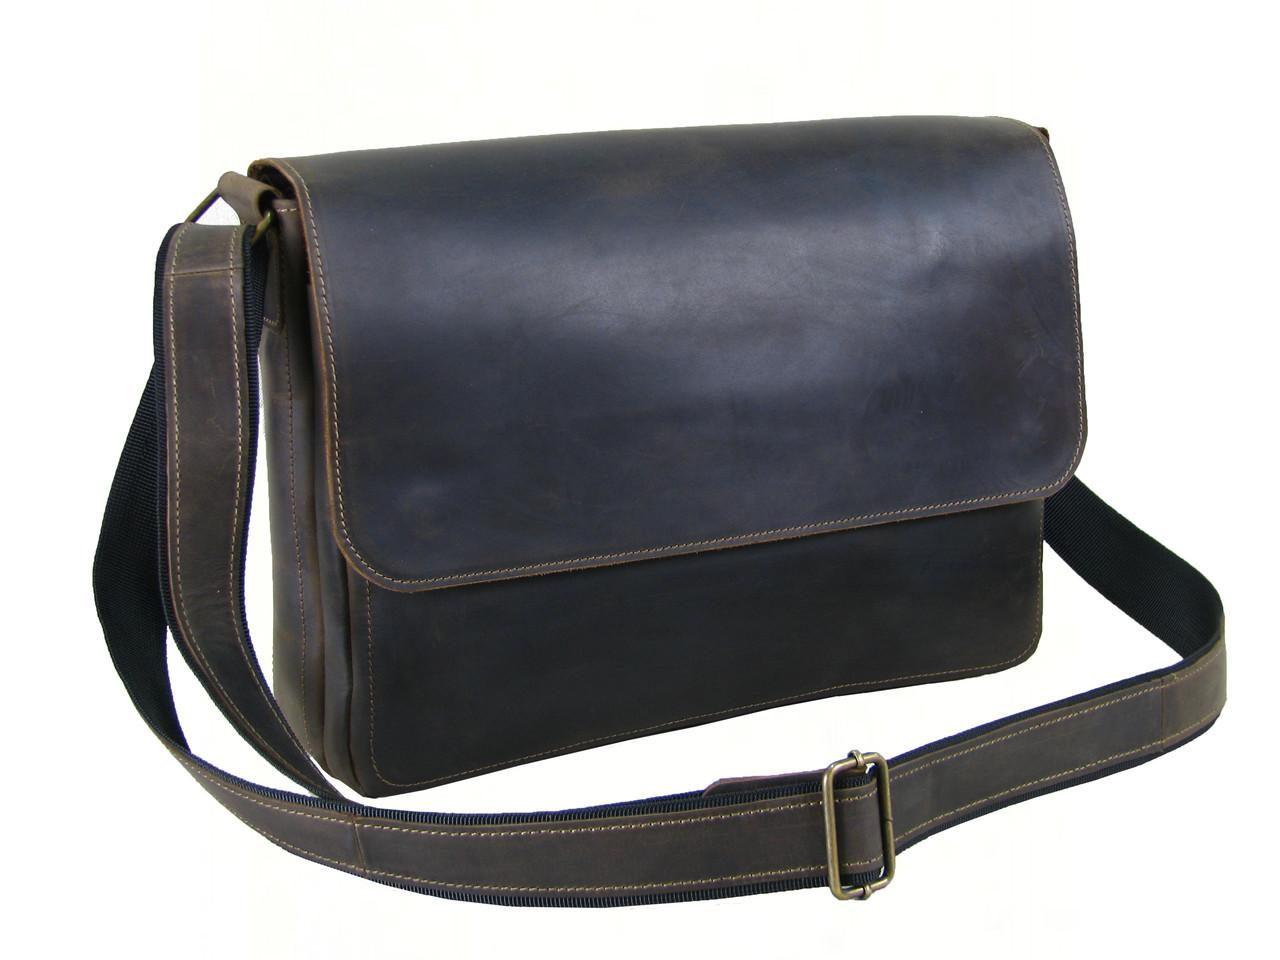 Кожаная сумка мессенджер для документов А4 GS коричневая